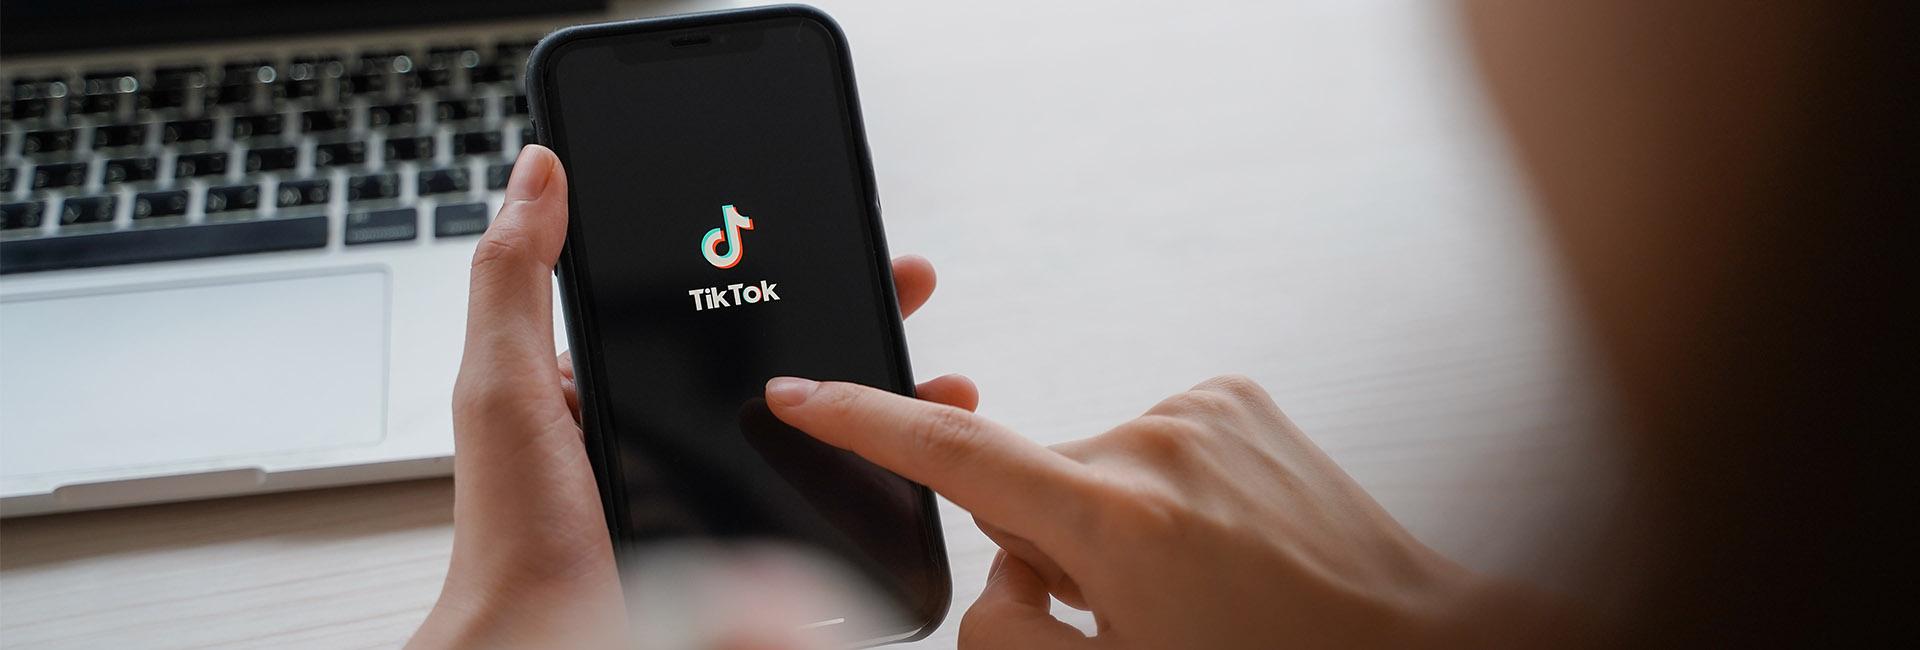 Quelles sont les marques ||qui cartonnent sur TikTok